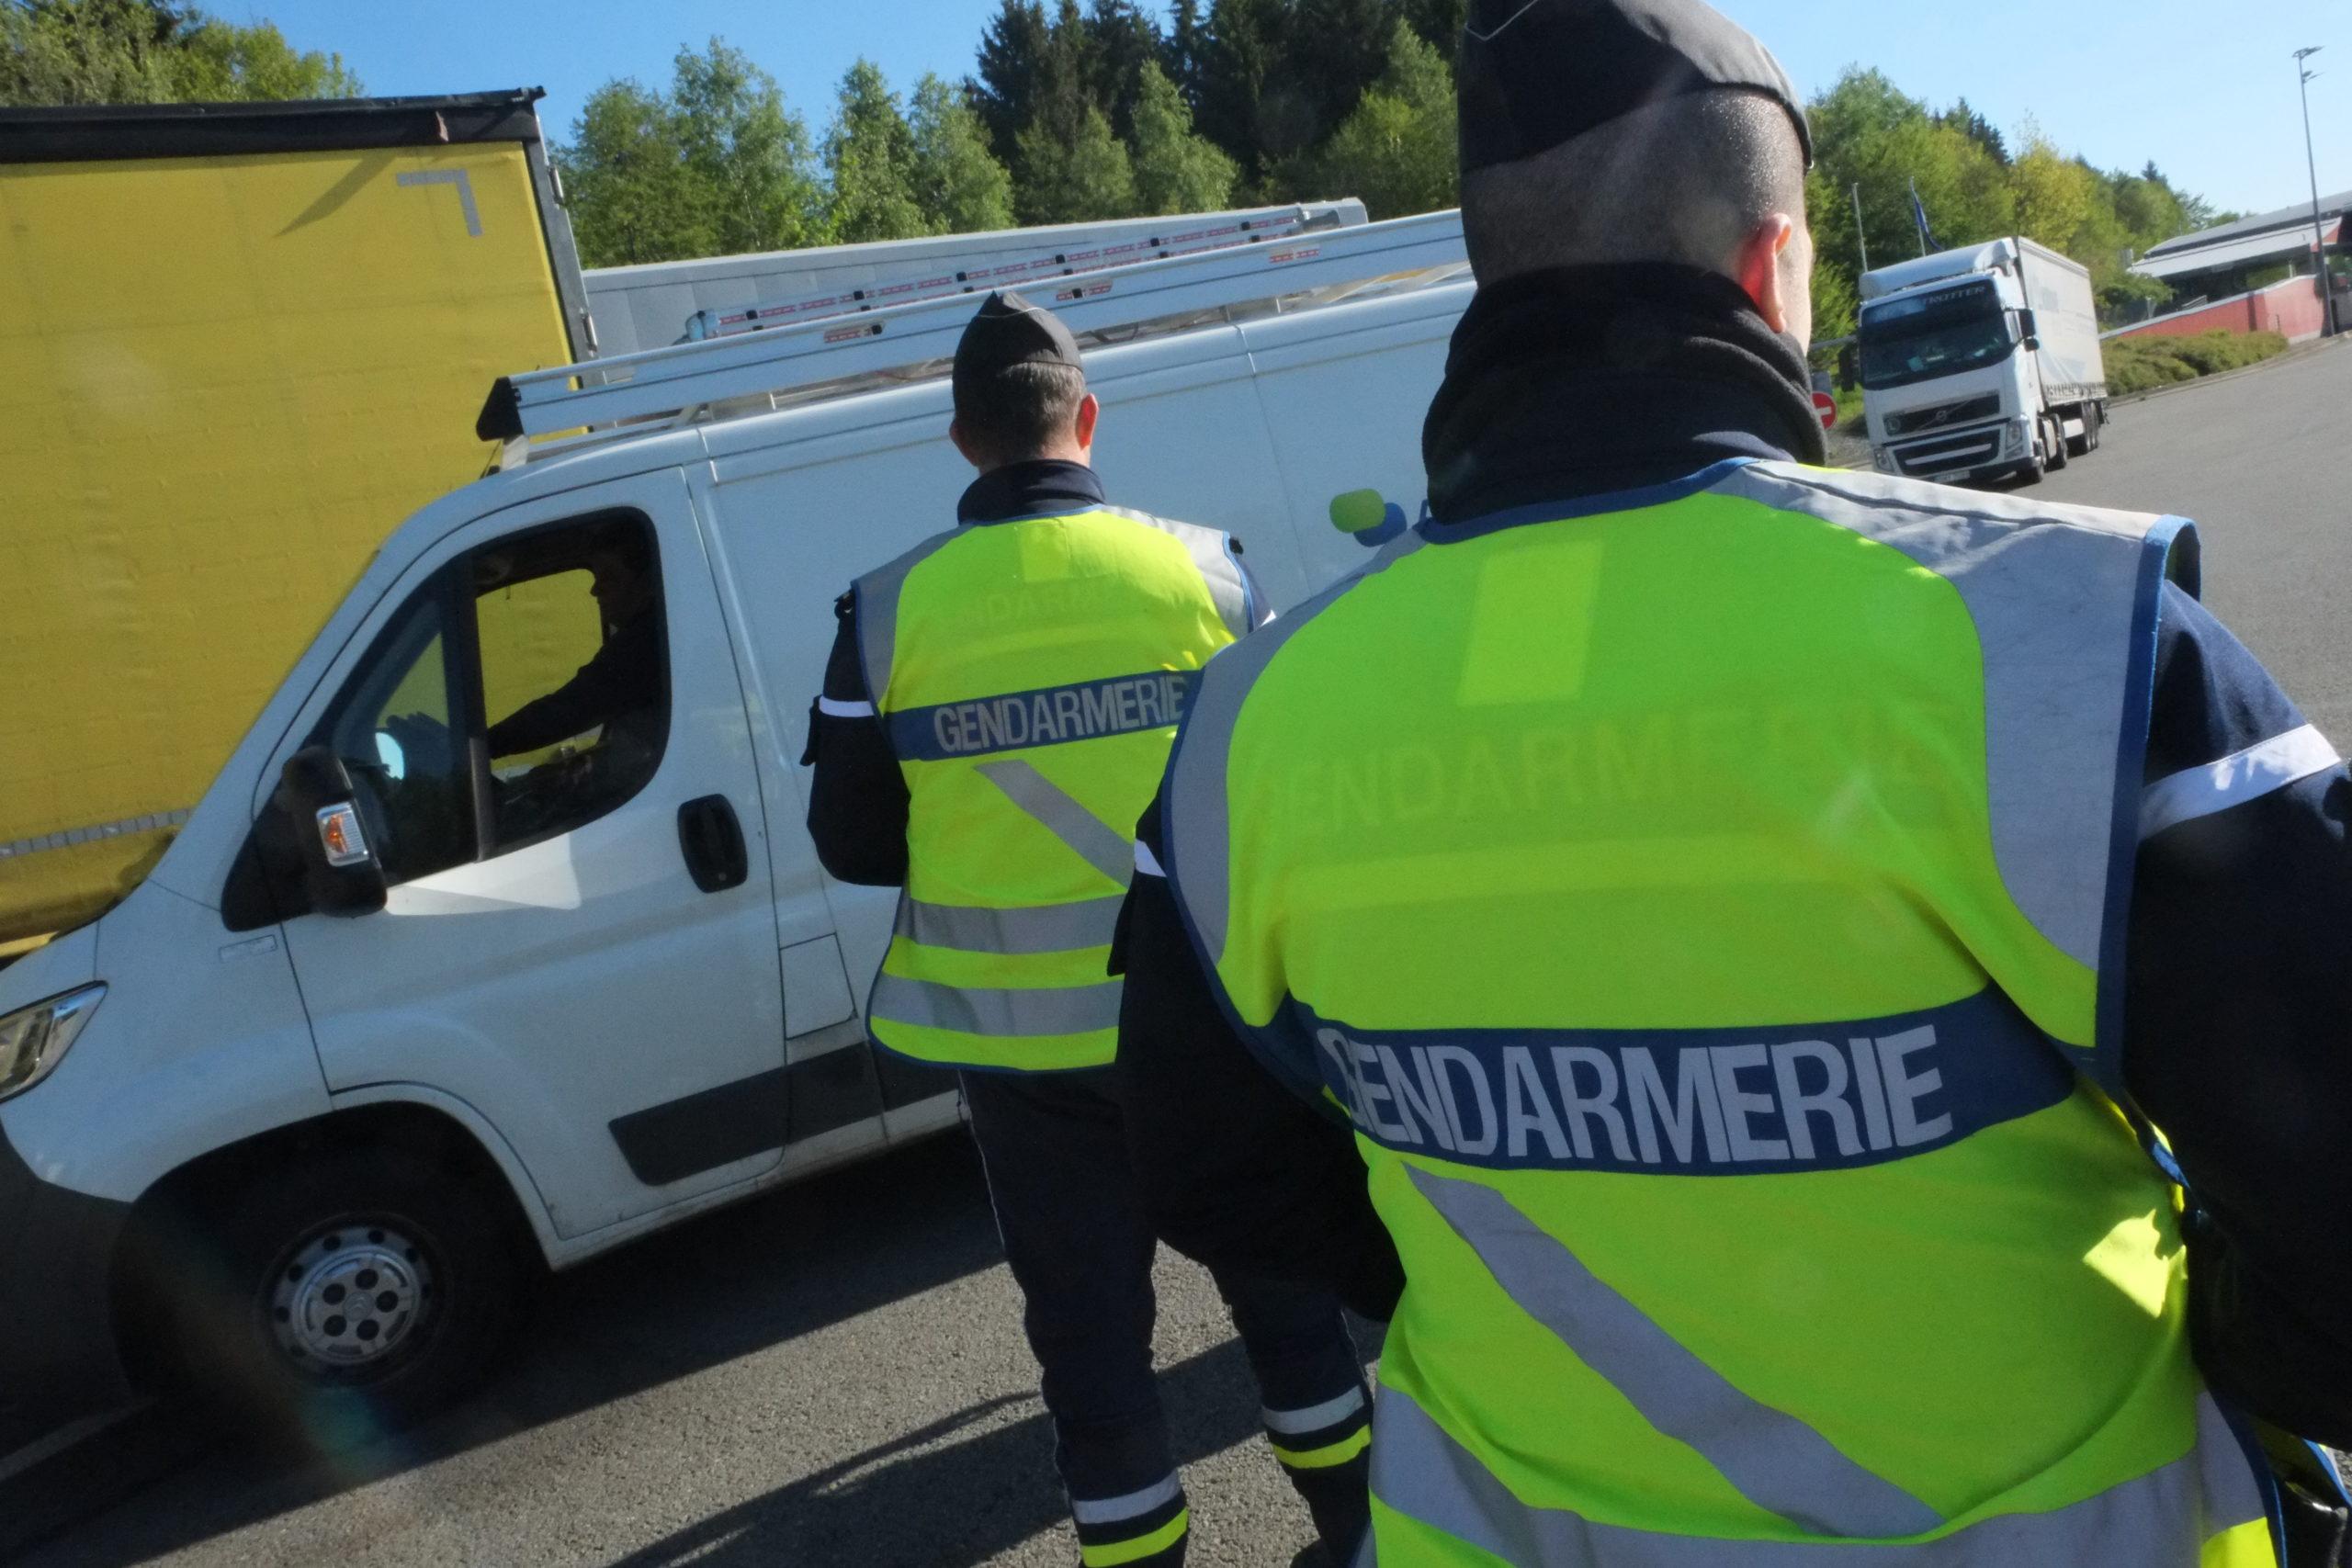 La brigade des douanes de Montbéliard a saisi 184 kg de cannabis, lundi 9 novembre, dans une camionnette en direction de l'Allemagne, au péage de Fontaine, dans le Territoire de Belfort, sur l'A36.